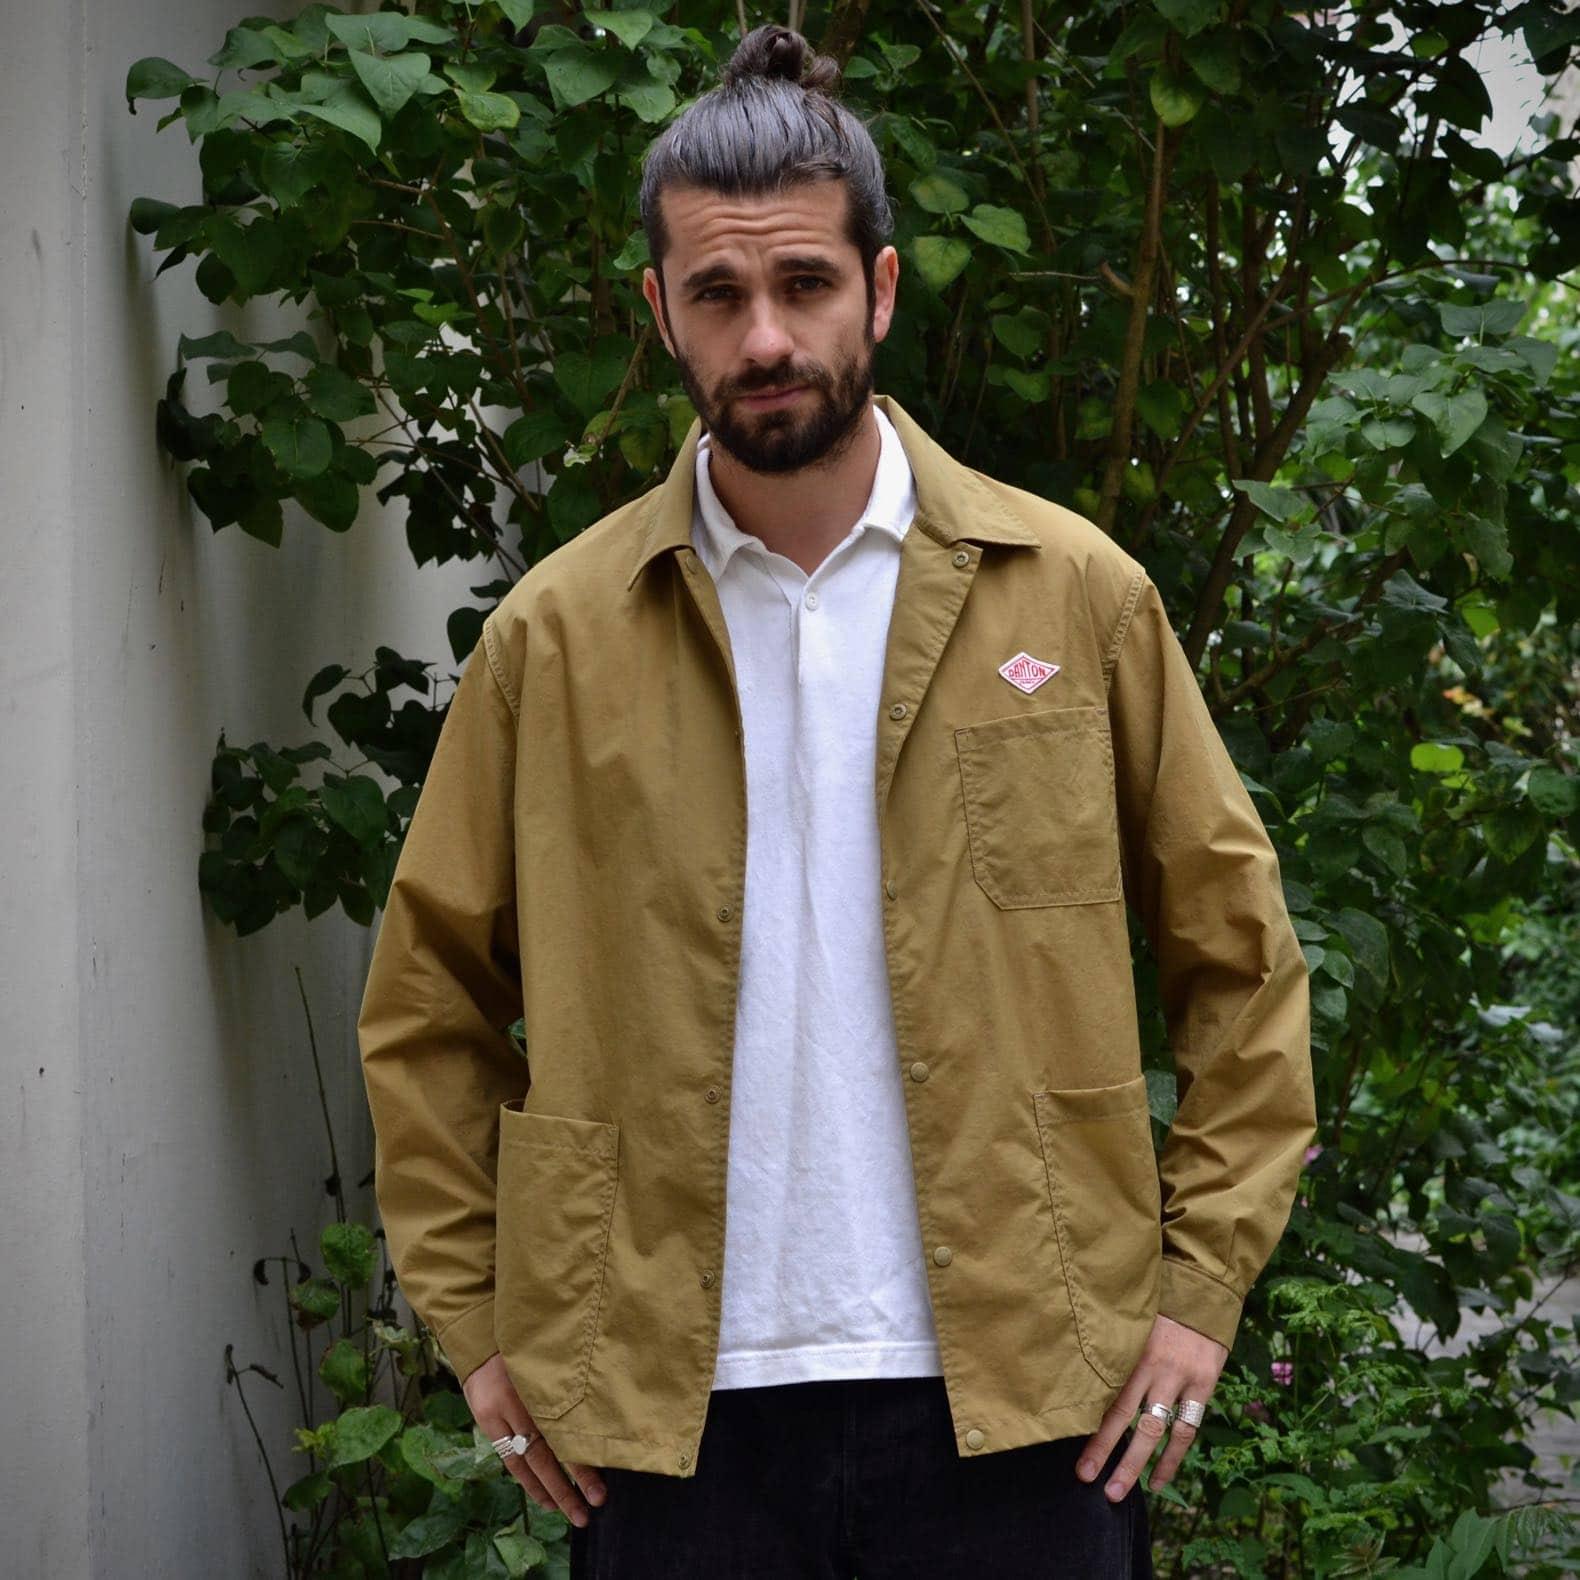 danton work jacket polo uniqlo engineered garments